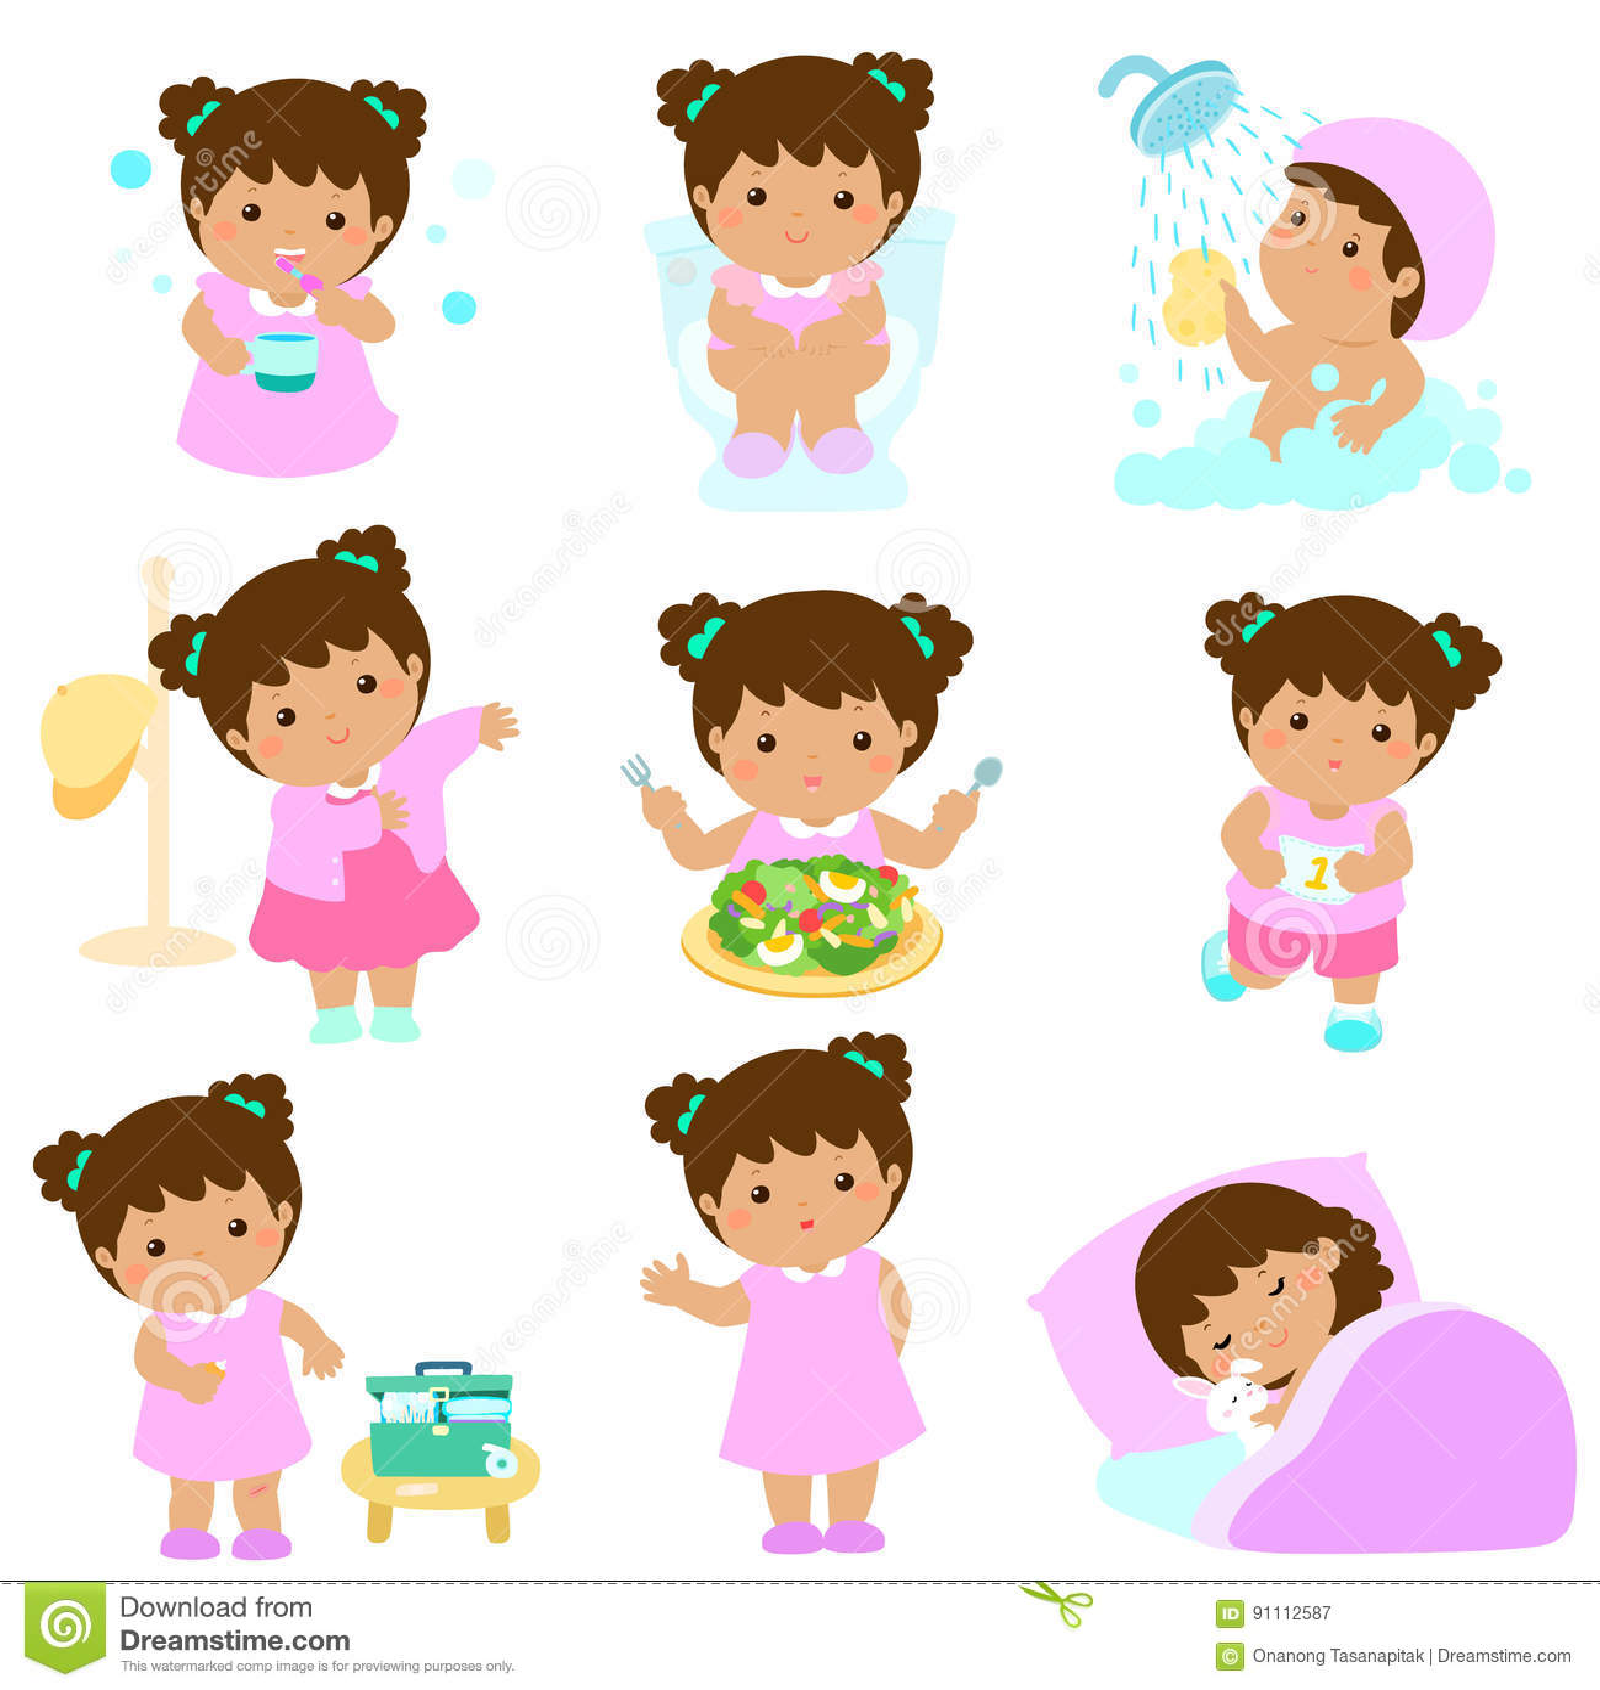 Healthy Hygiene For Girl Cartoon Stock Vector